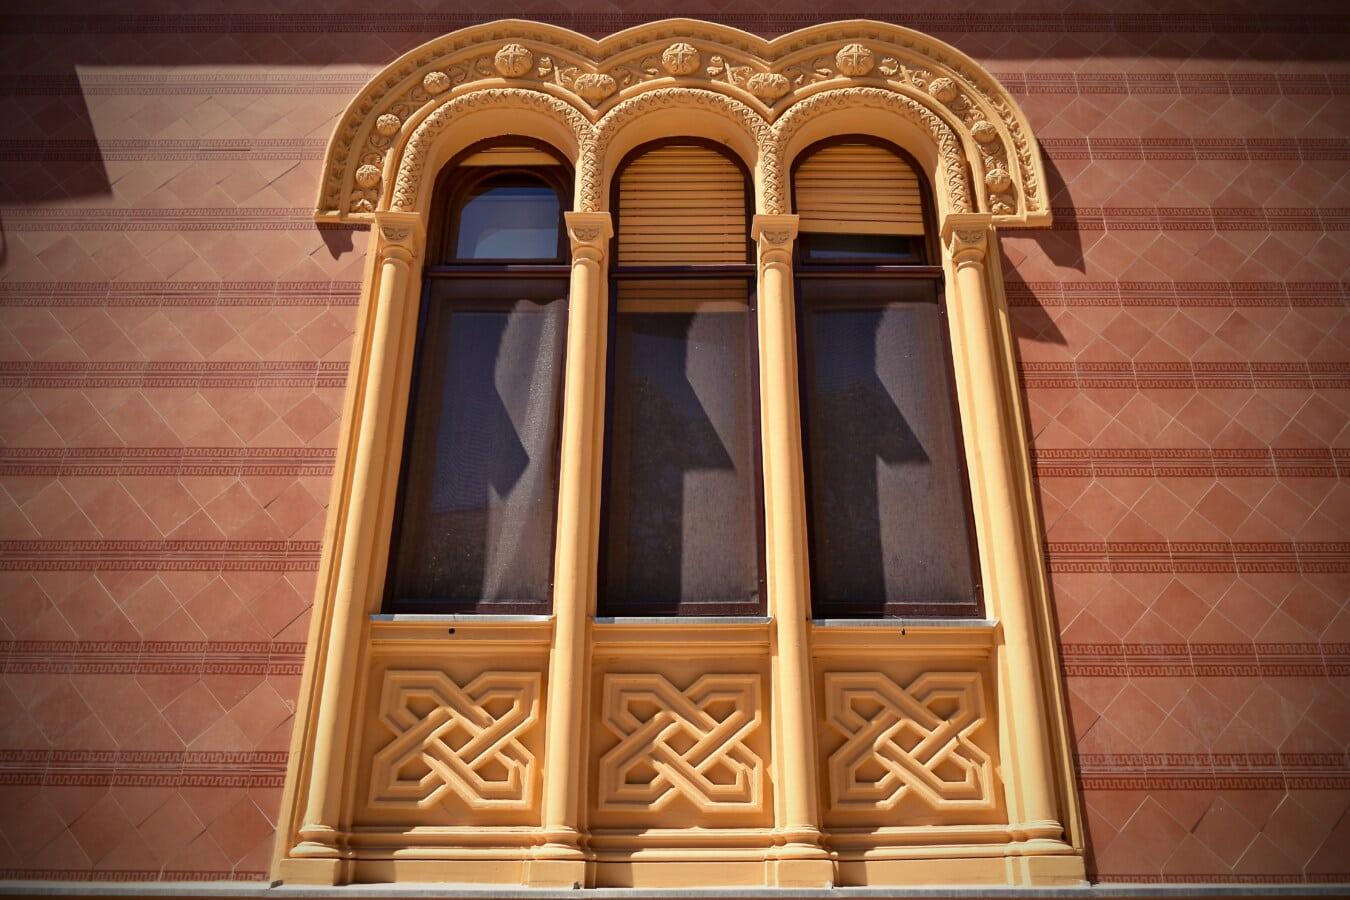 drei, fenster, Arabeske, Arch, Barock, Ornament, architektonischen Stil, Fassade, Fenster, Architektur